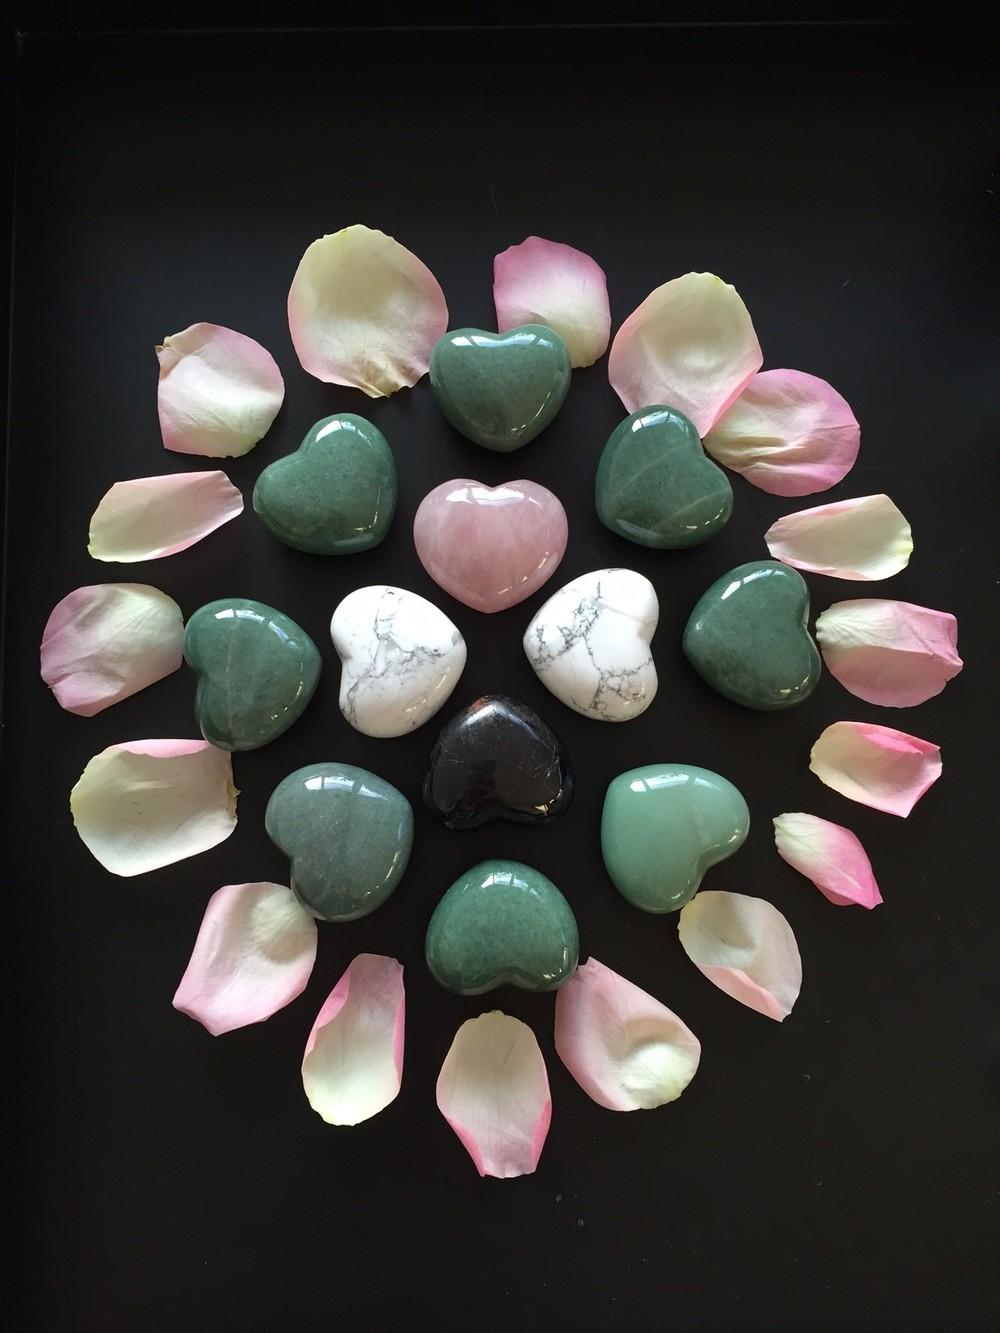 ....pierres..stones..stenen....